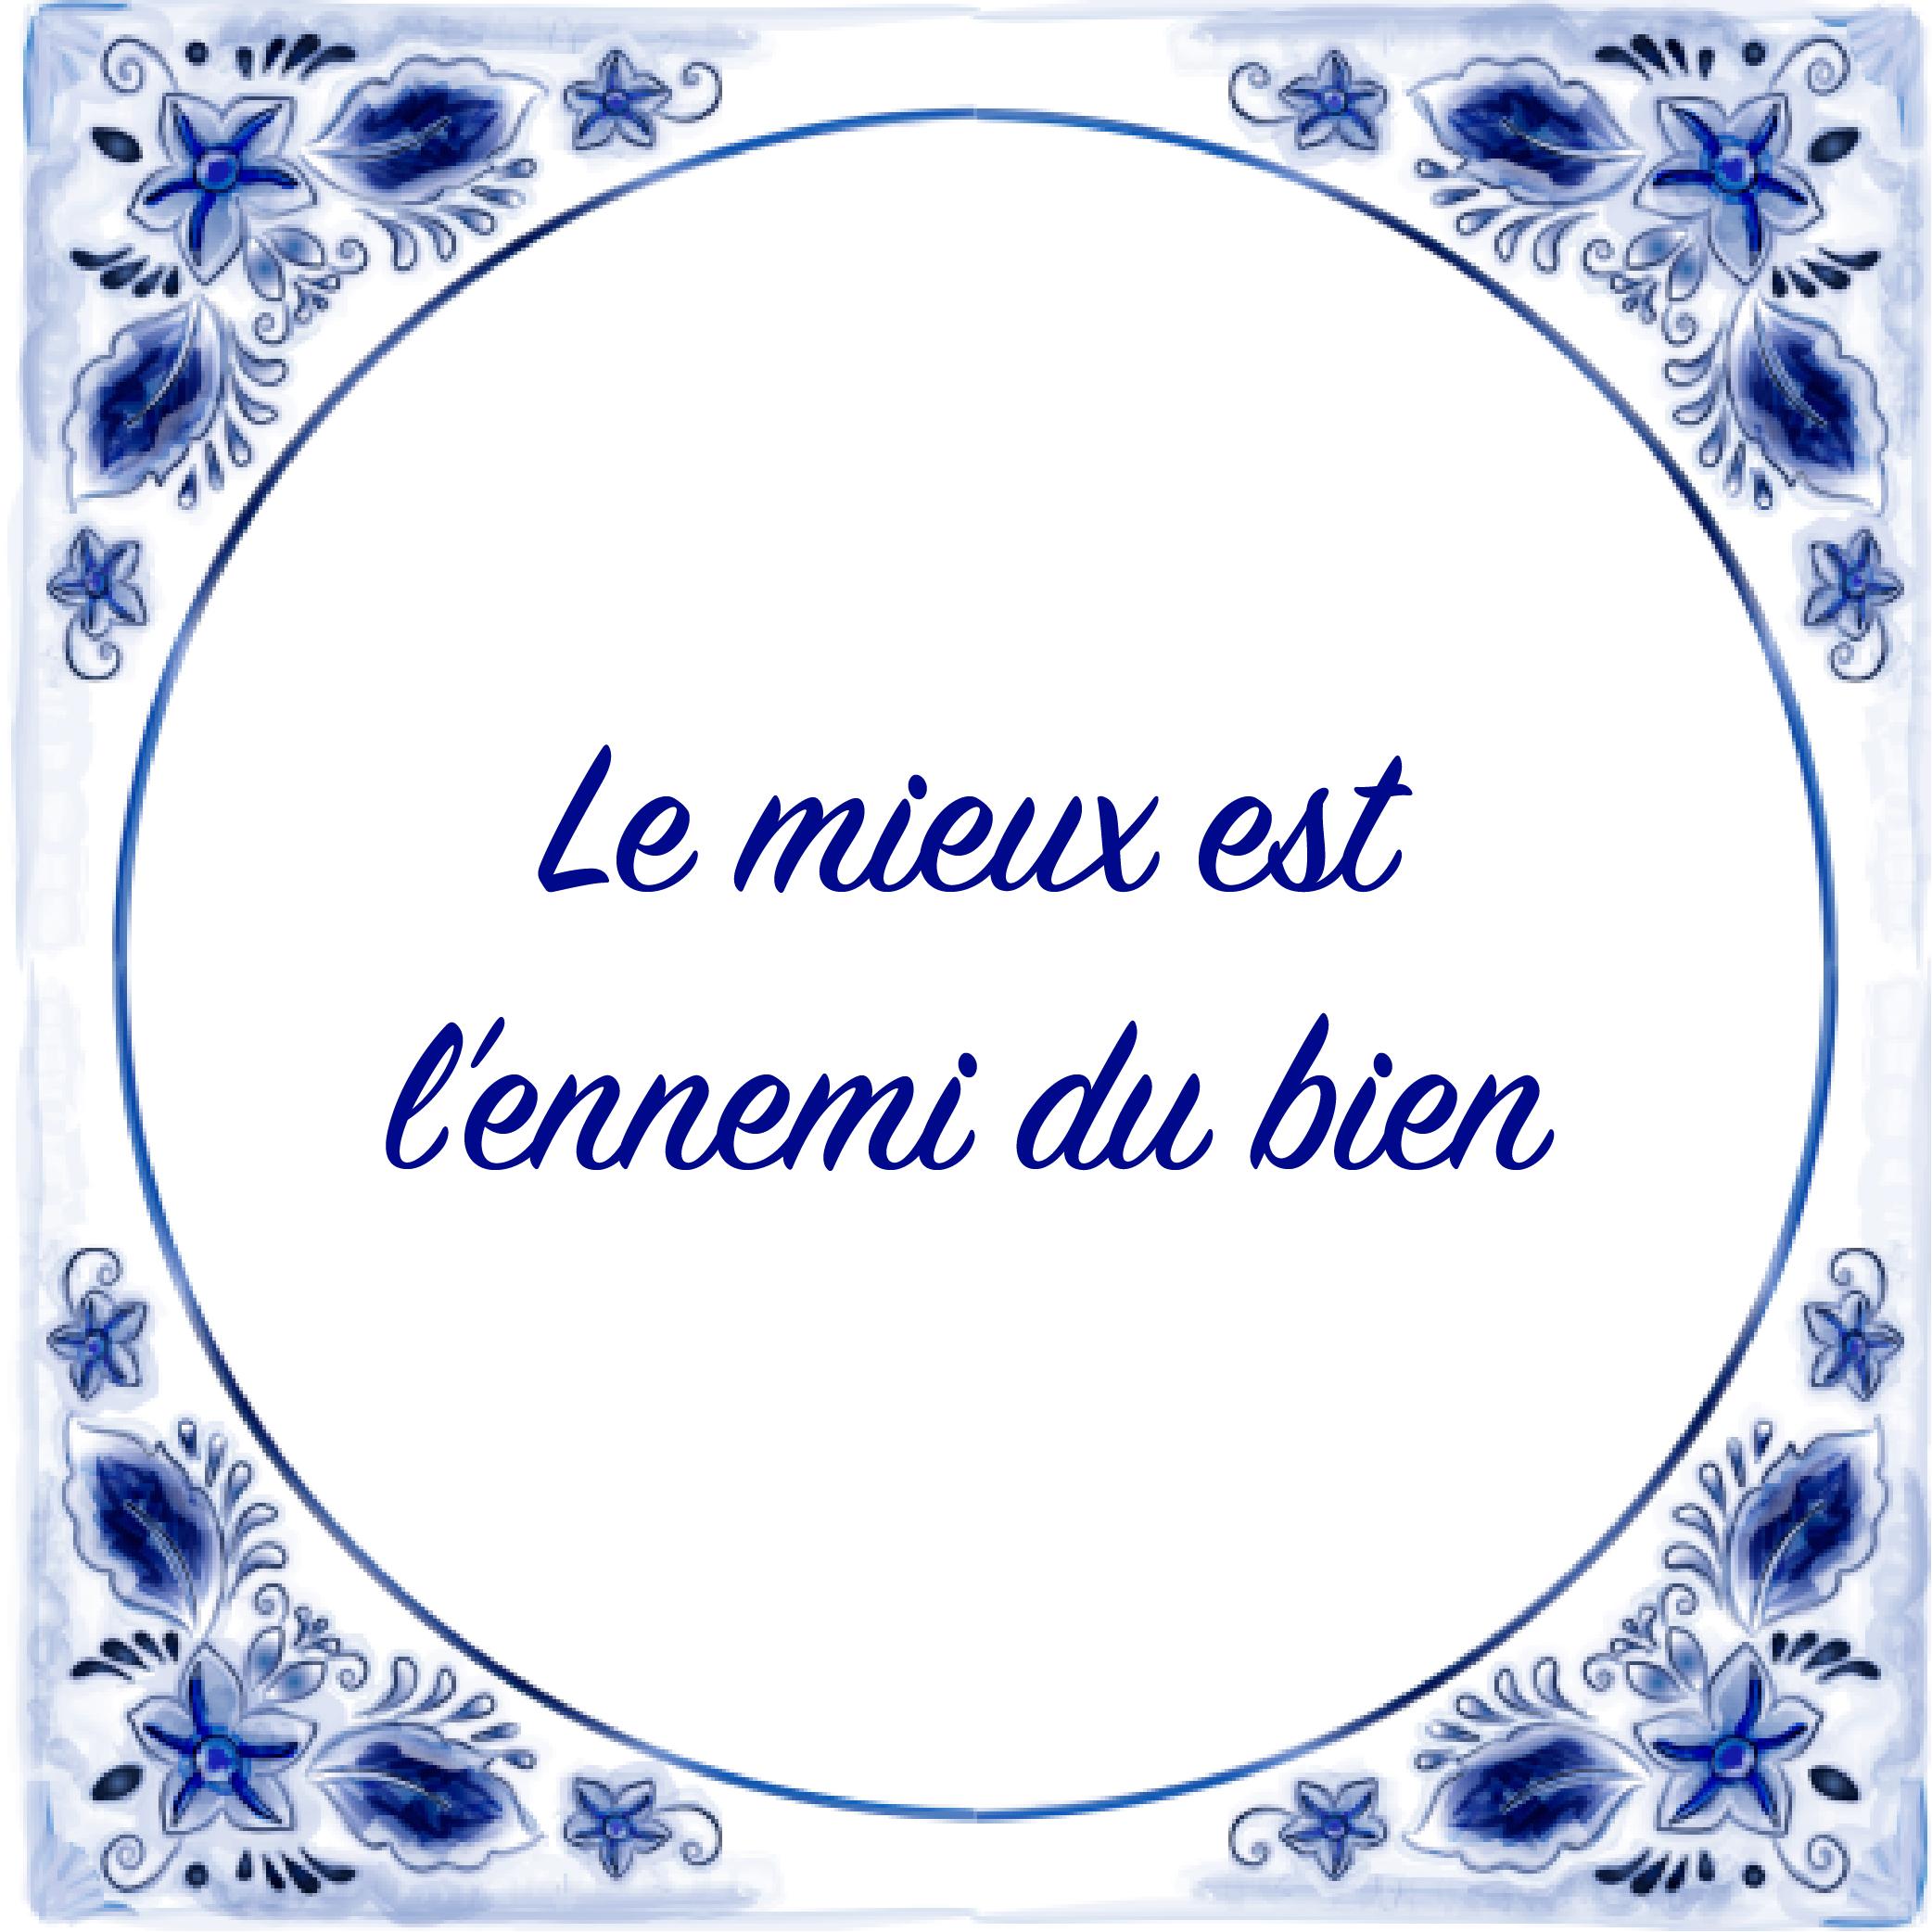 10 Mooie Franse Tegeltjesspreuken Frankrijknl